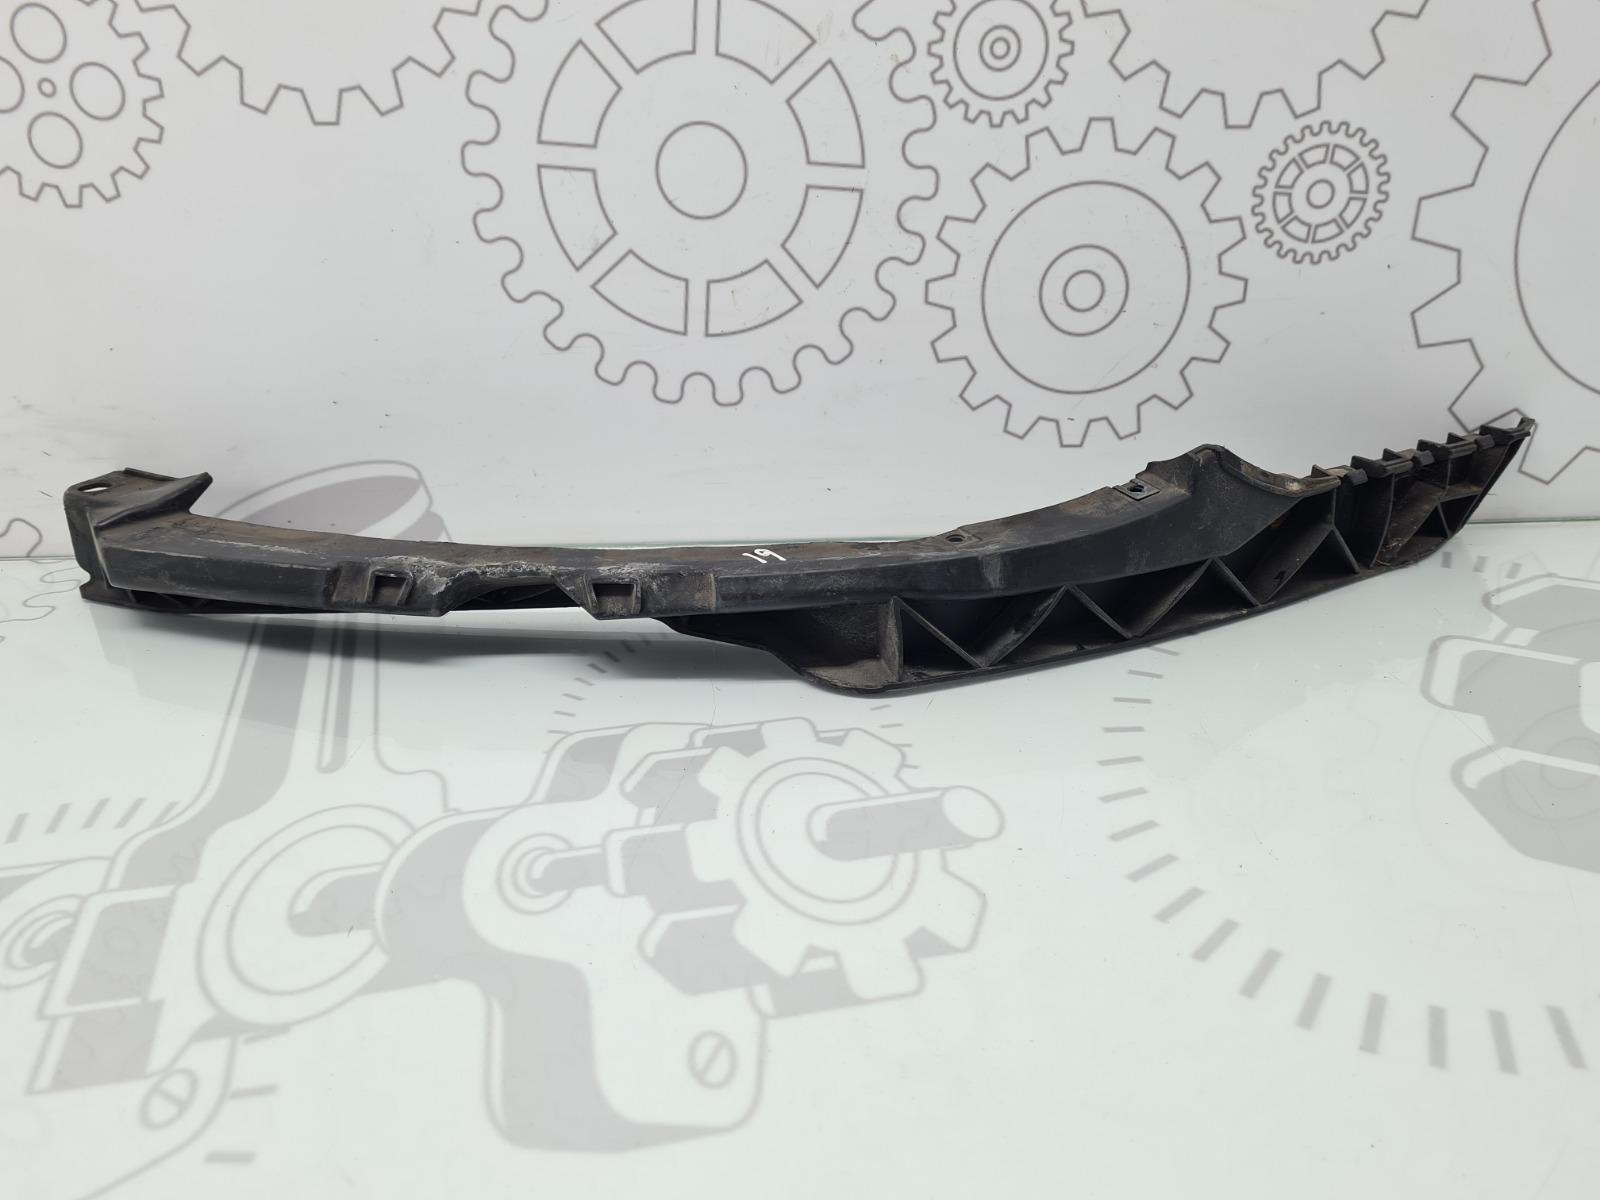 Кронштейн крепления бампера переднего Skoda Octavia 1.6 TDI 2011 (б/у)